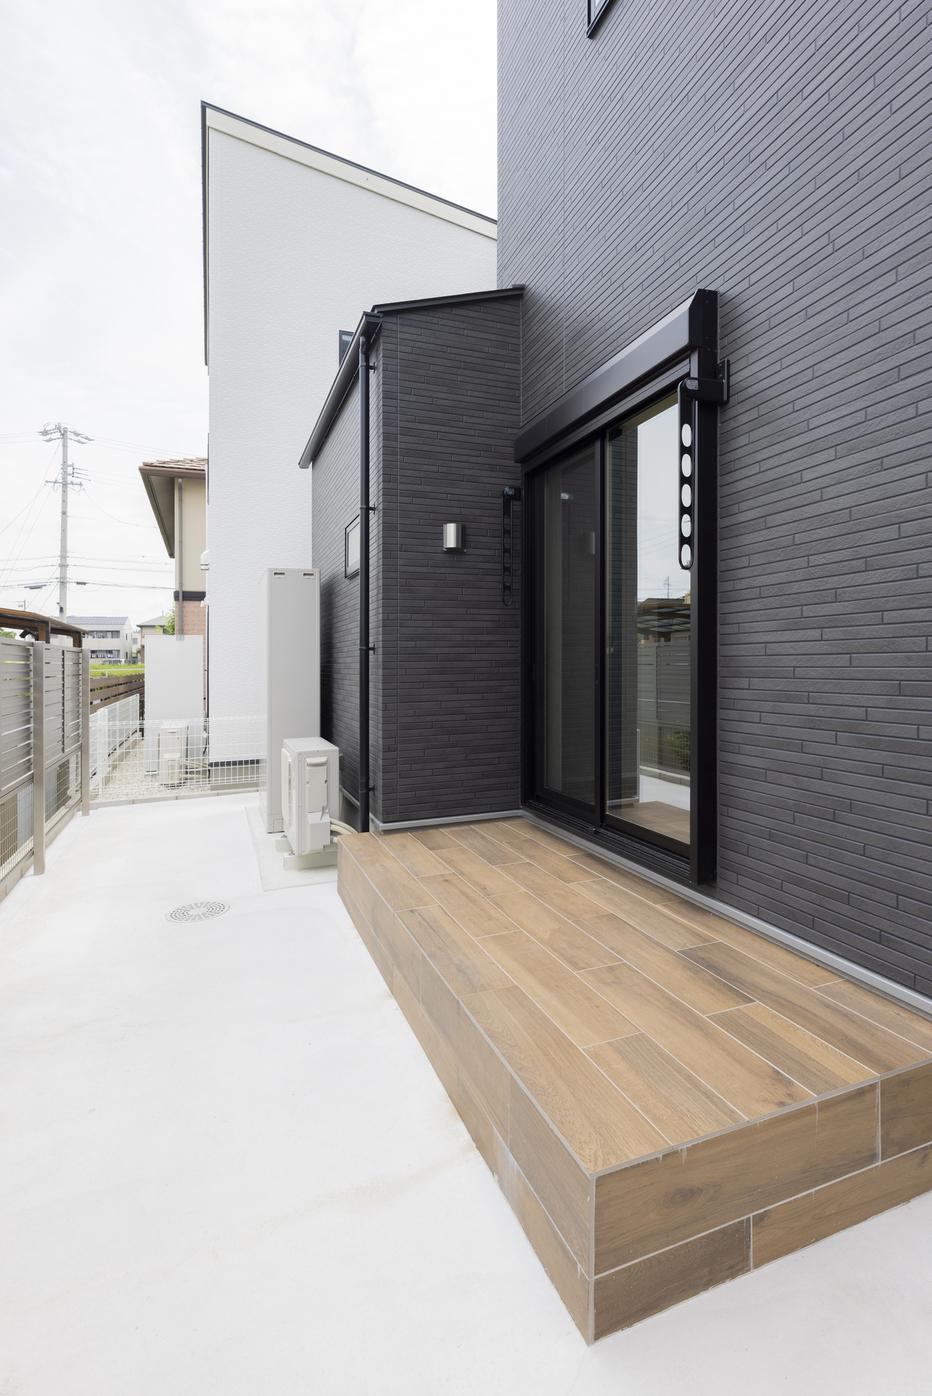 キッチンから繋がる反対側のお庭スペース。木目調のタイルデッキがアクセントに。